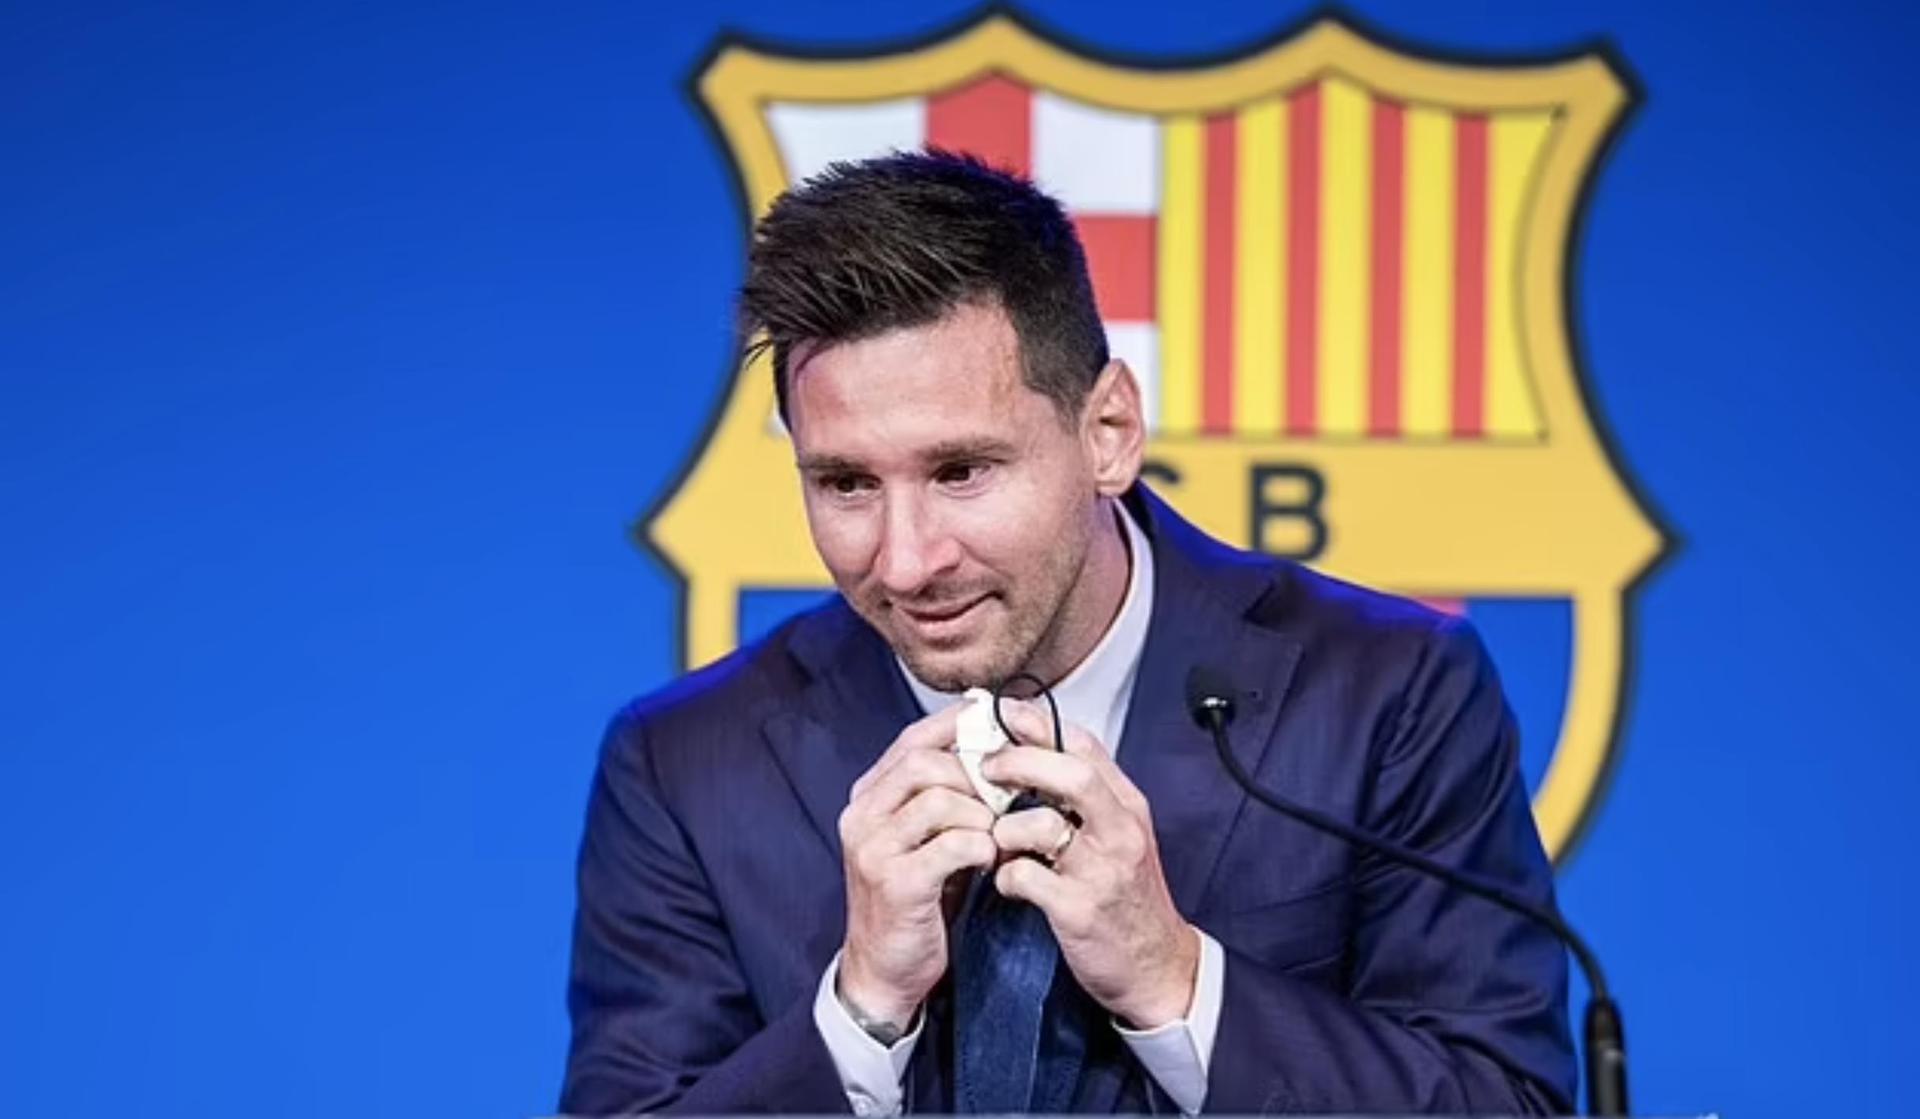 Vì sao Ronaldo tỏa sáng, còn Messi bế tắc ở đội bóng mới? - 4